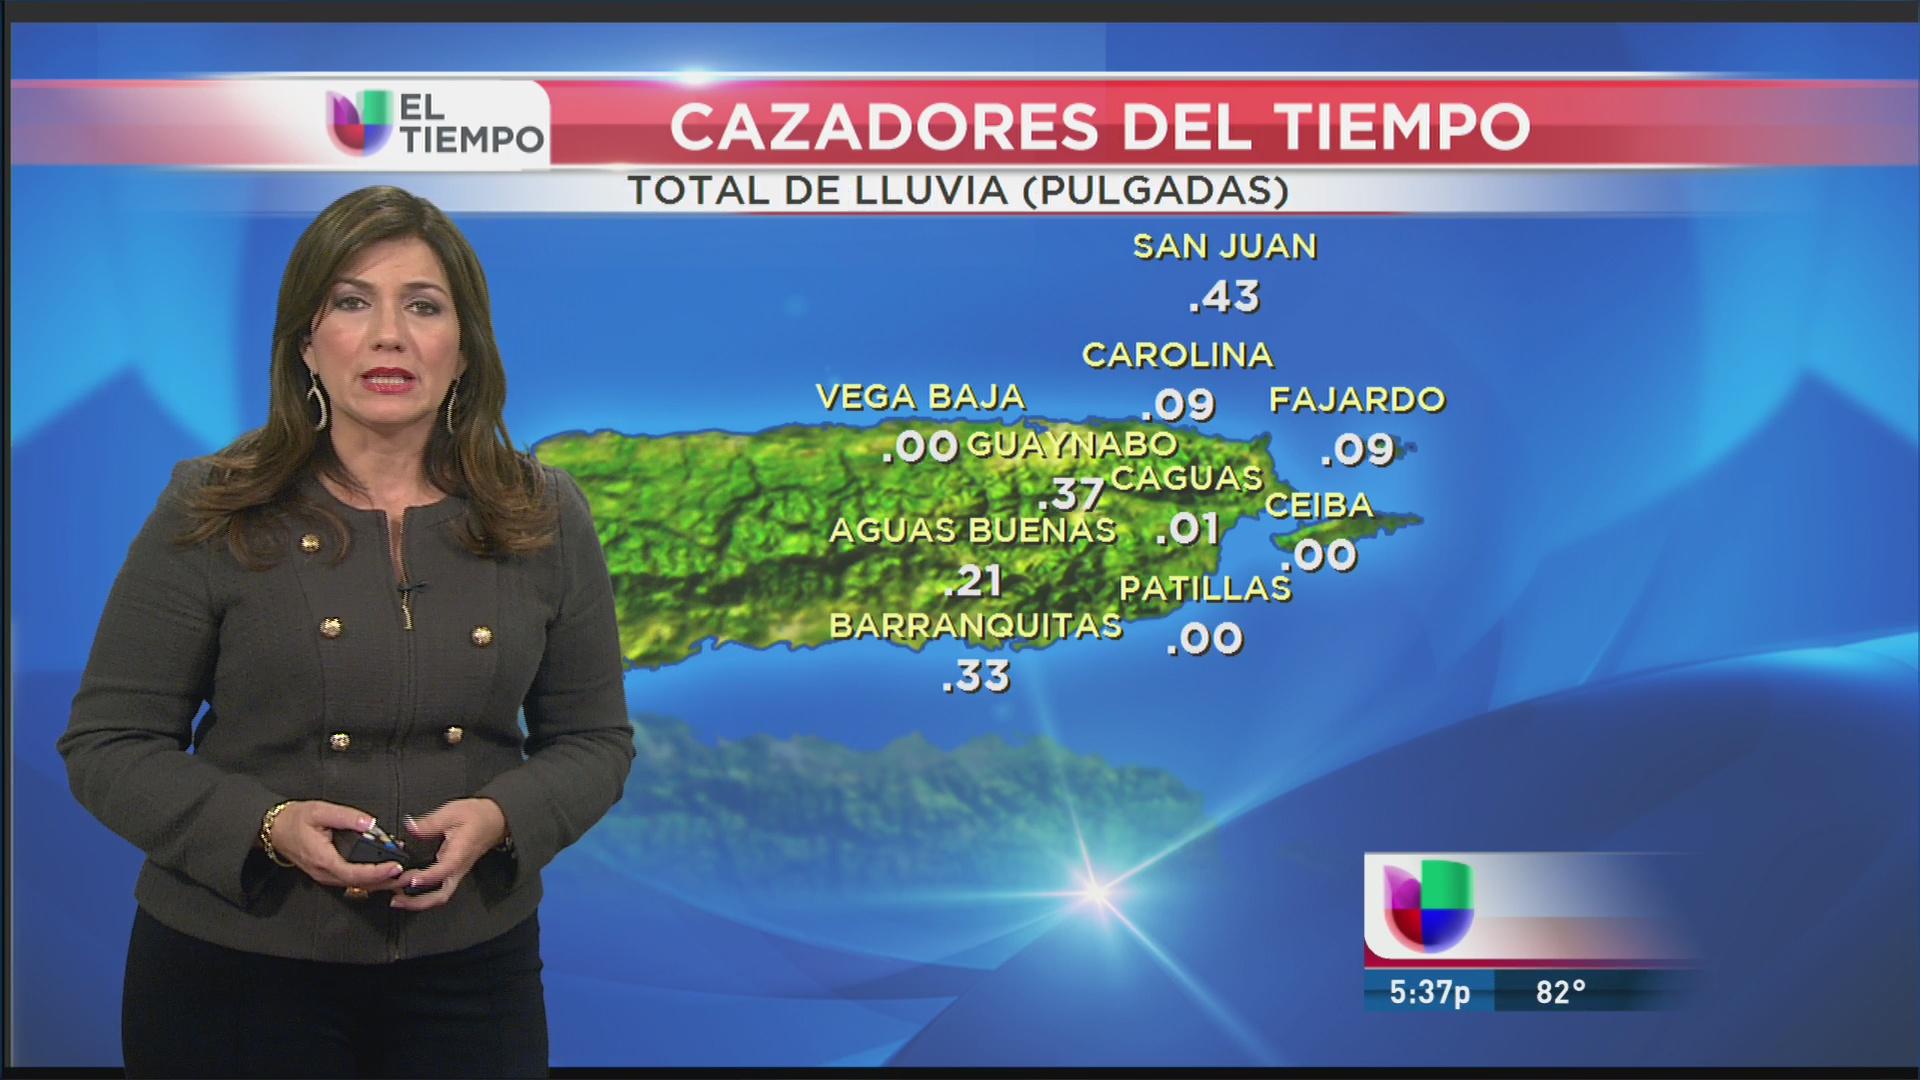 Clima en Len El tiempo a 14 das - meteoredmx